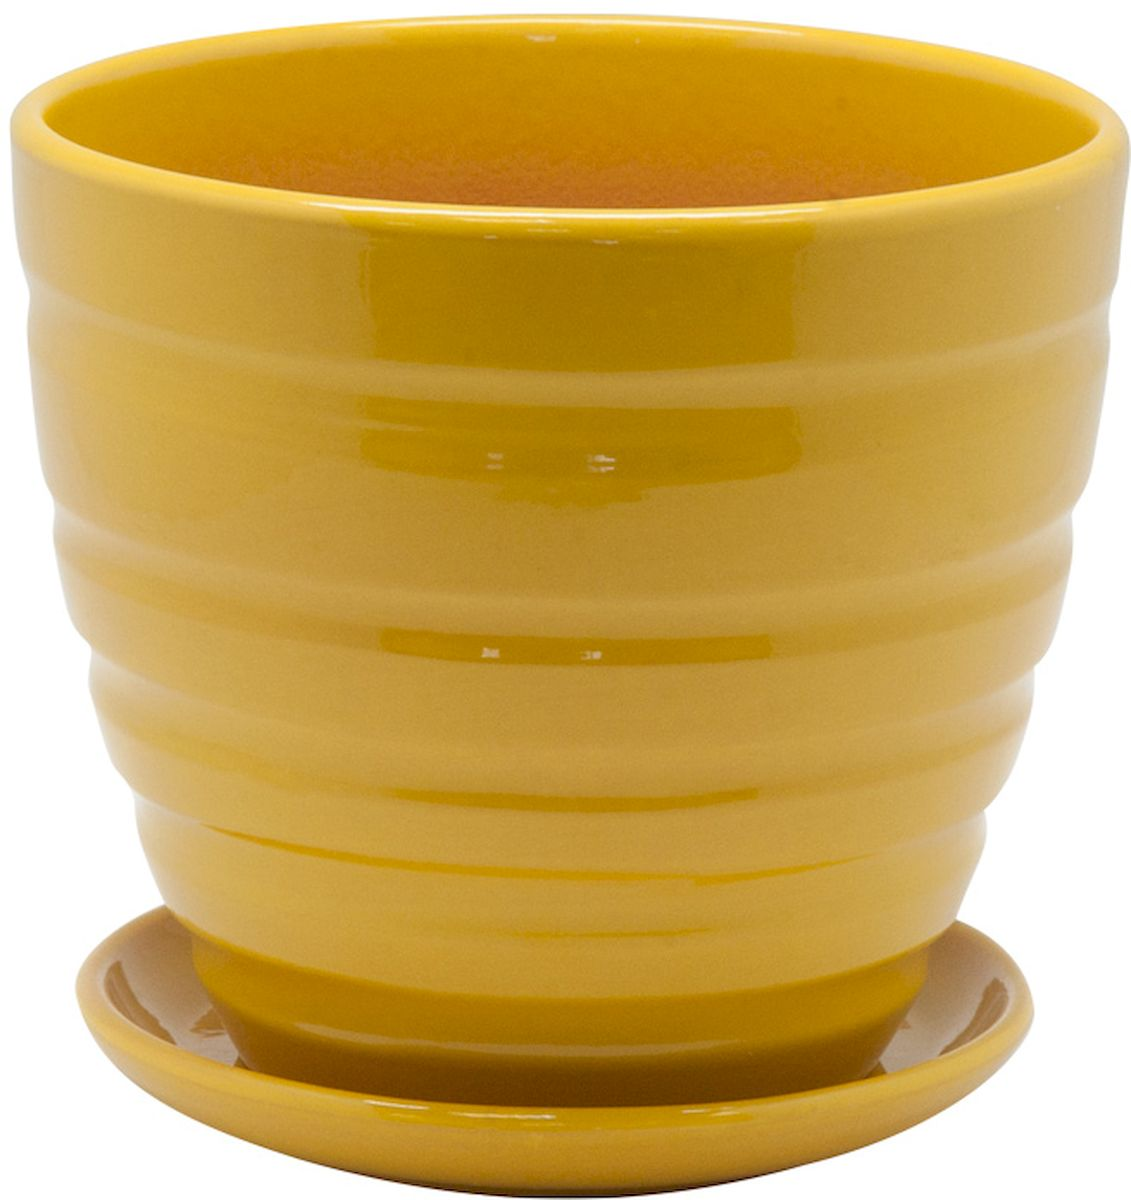 Горшок цветочный Engard, с поддоном, цвет: желтый, 1,4 лC0042416Керамический горшок - это идеальное решение для выращивания комнатных растений и создания изысканности в интерьере. Керамический горшок сделан из высококачественной глины в классической форме и оригинальном дизайне.